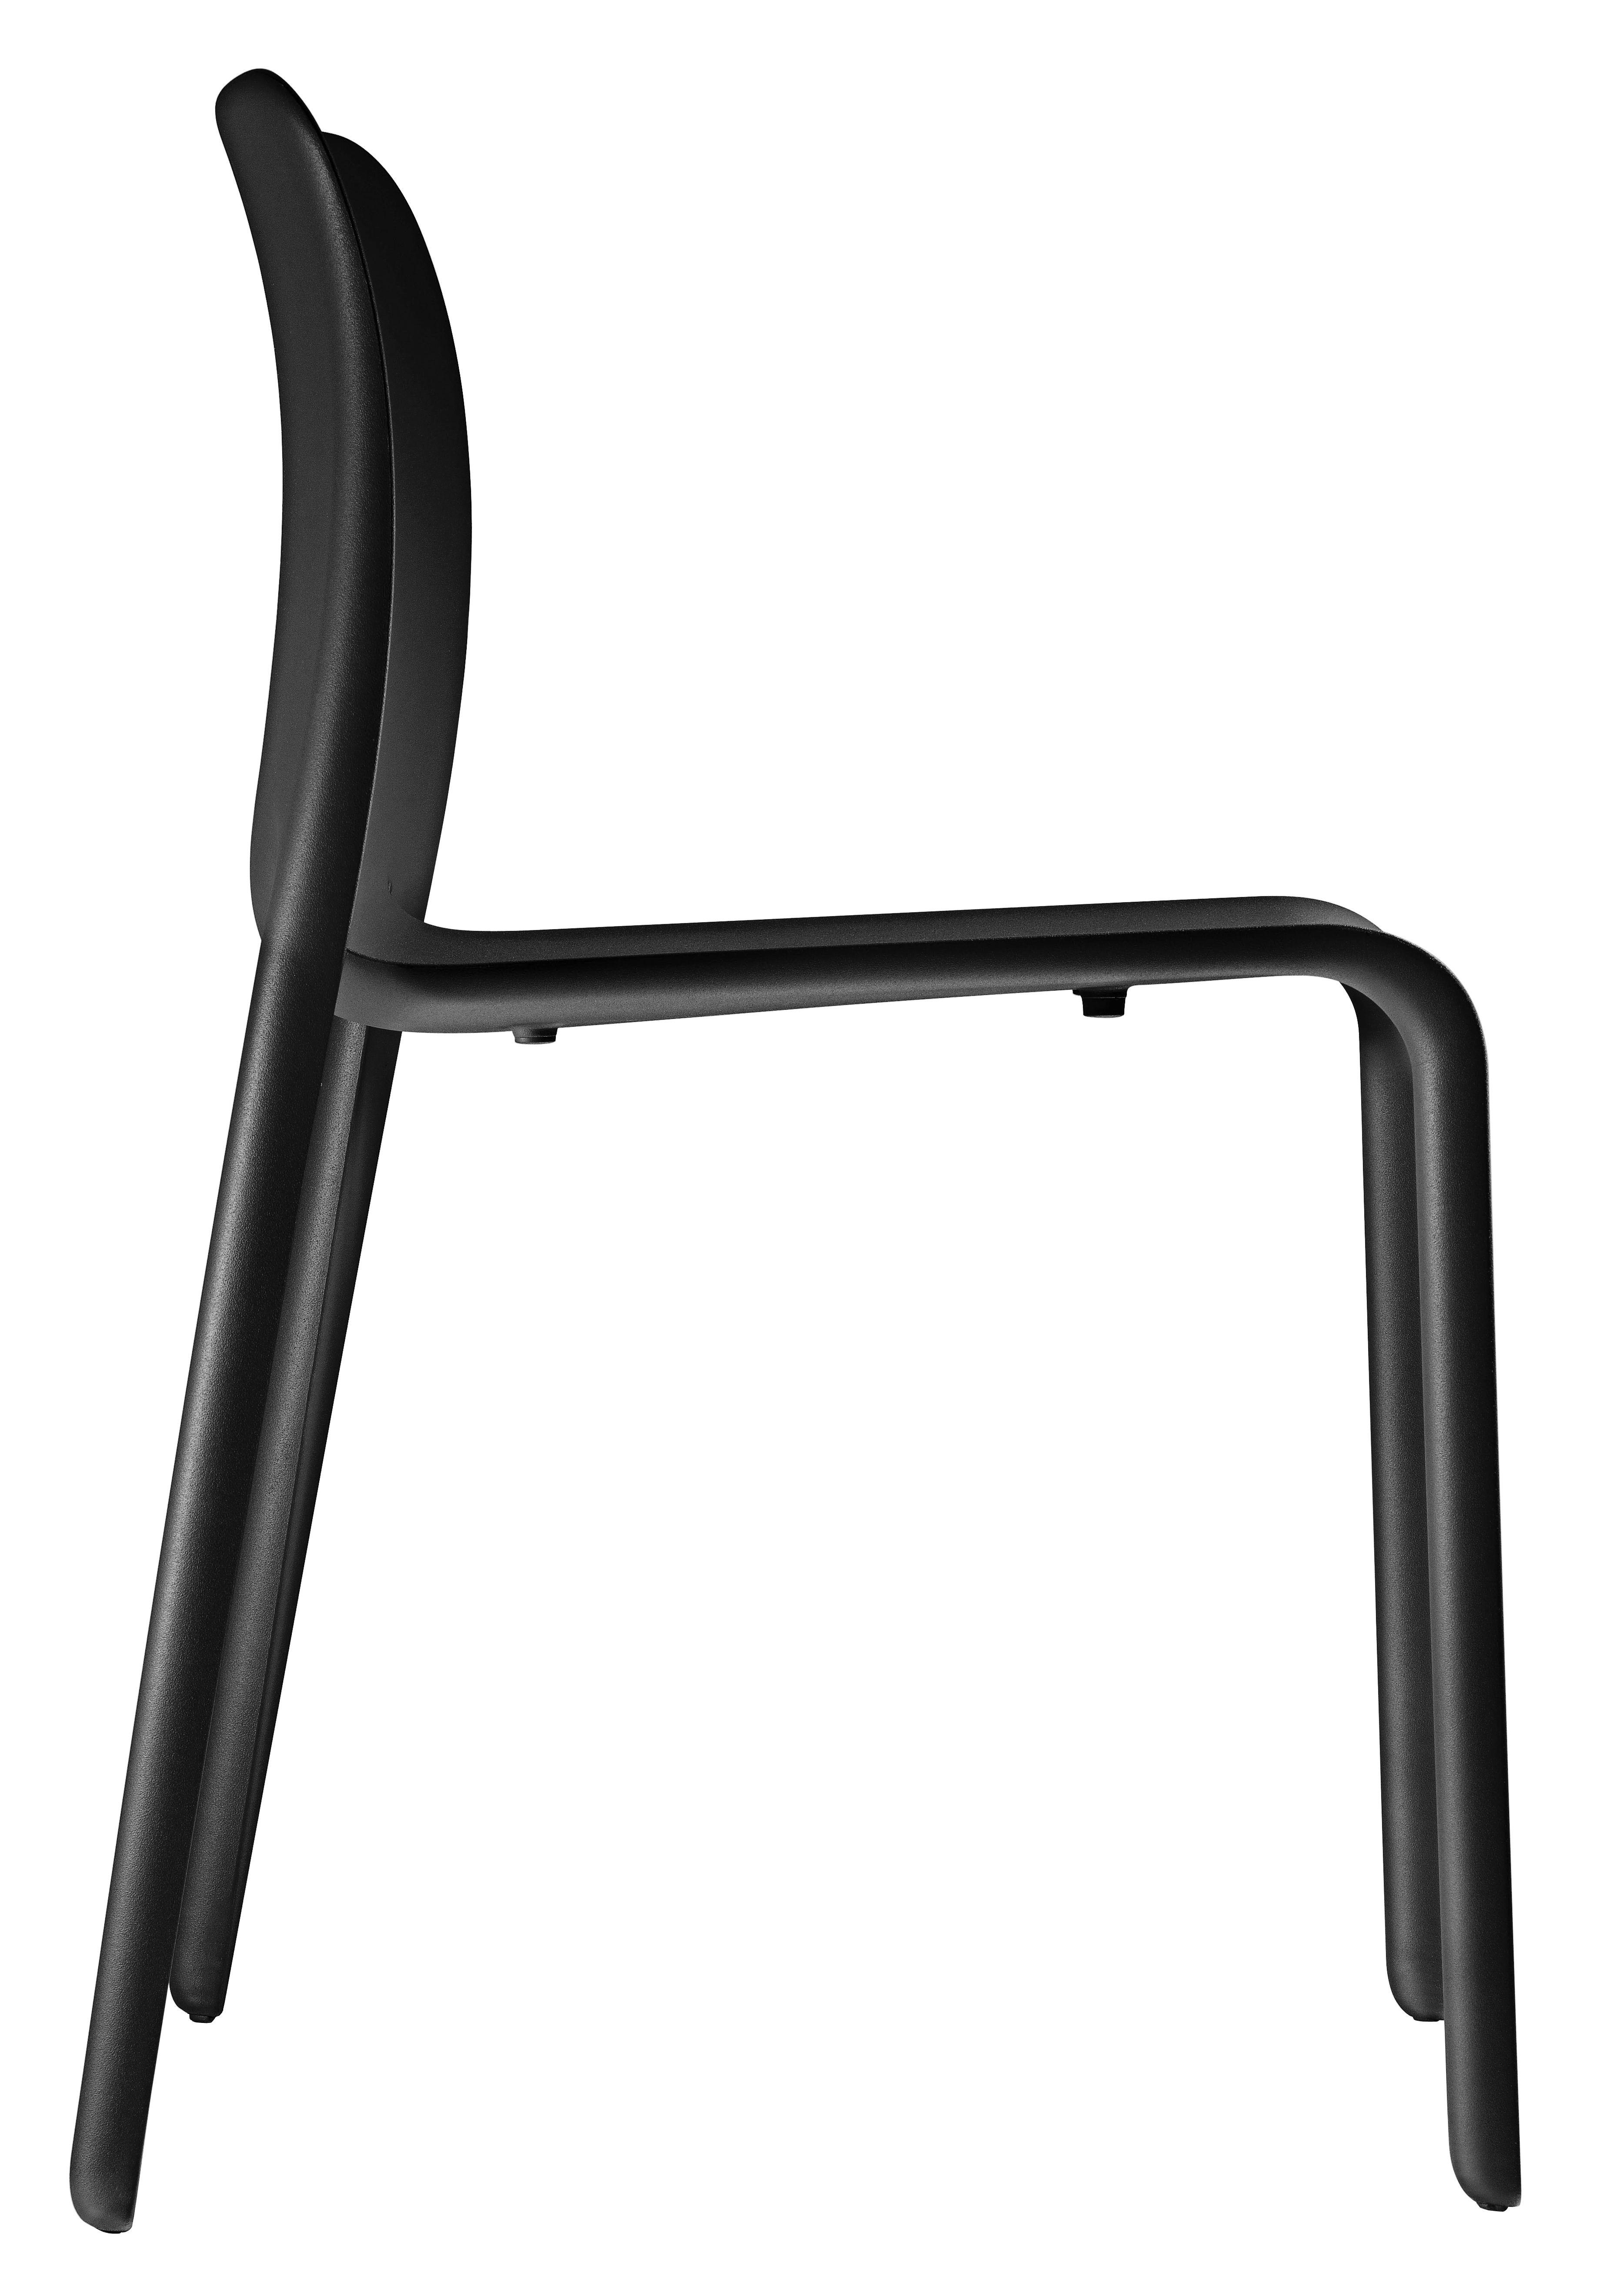 Mobilier - Chaises, fauteuils de salle à manger - Chaise empilable First Chair / Plastique - Magis - Noir - Polypropylène